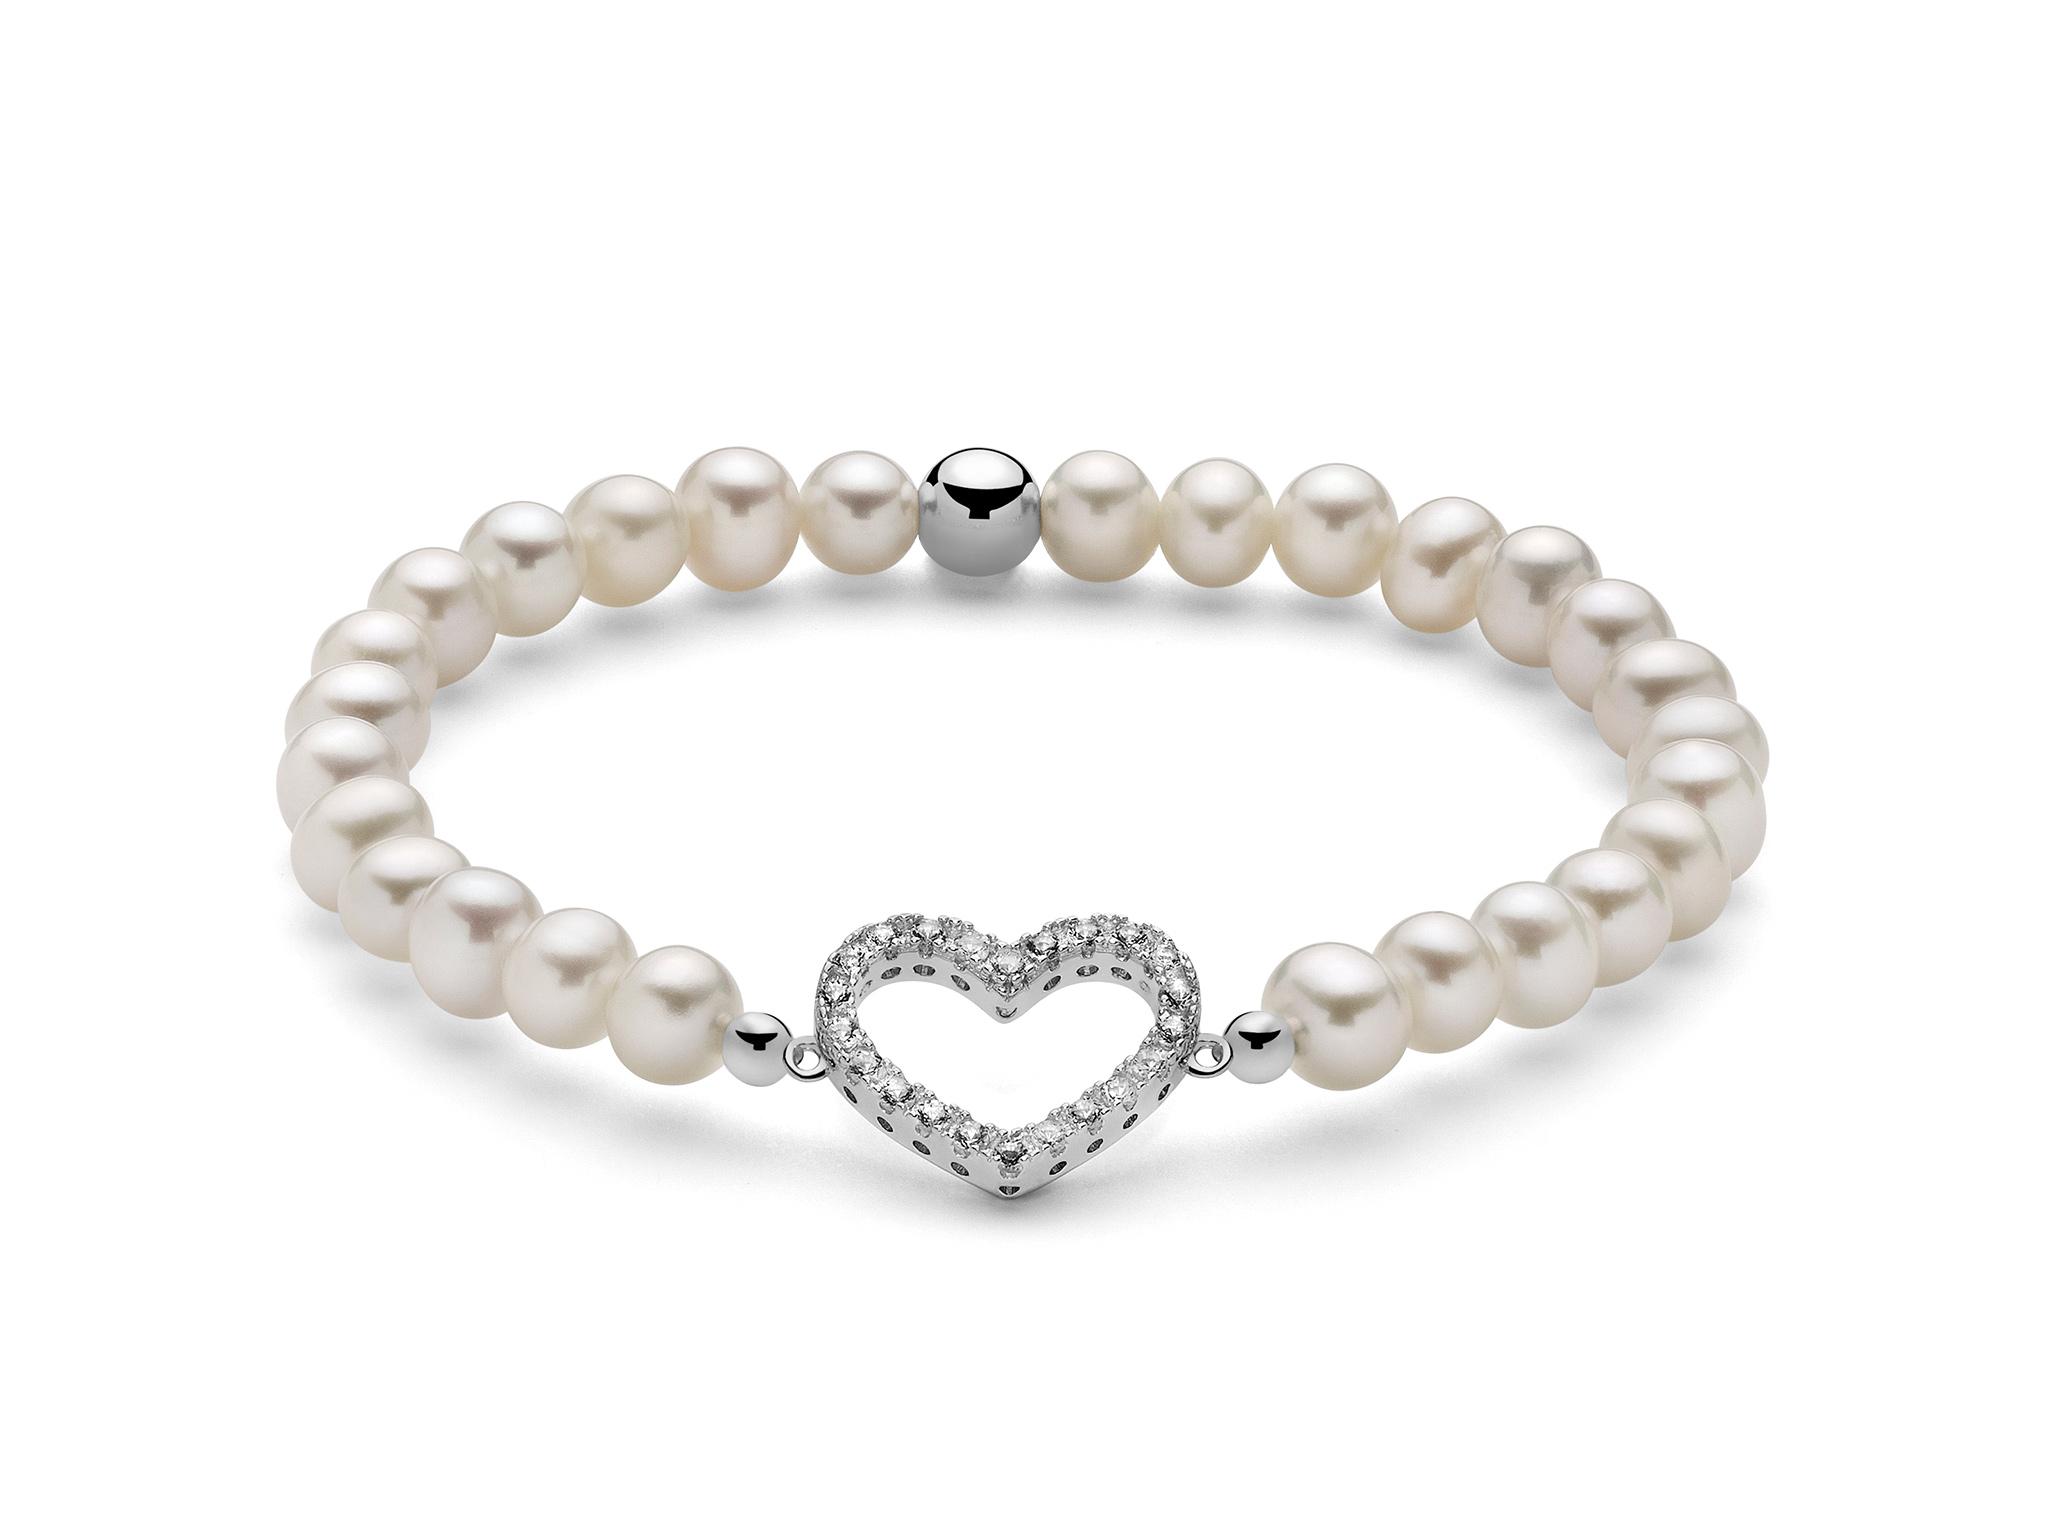 Bracciale di perle con cuore in argento - PBR2585-TPZ